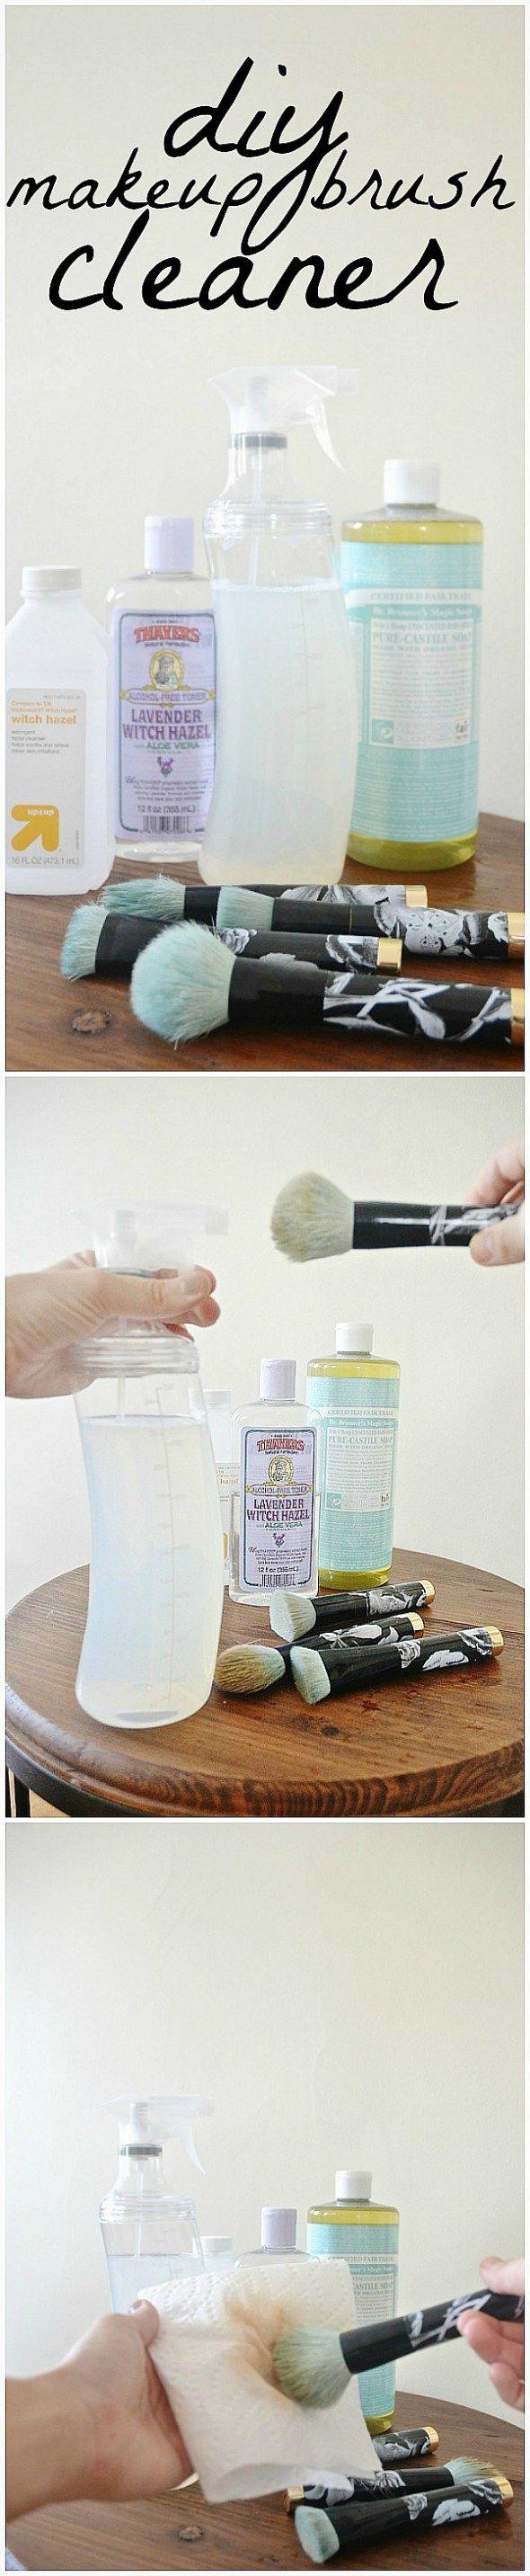 DIY Makeup Brush Cleaner -